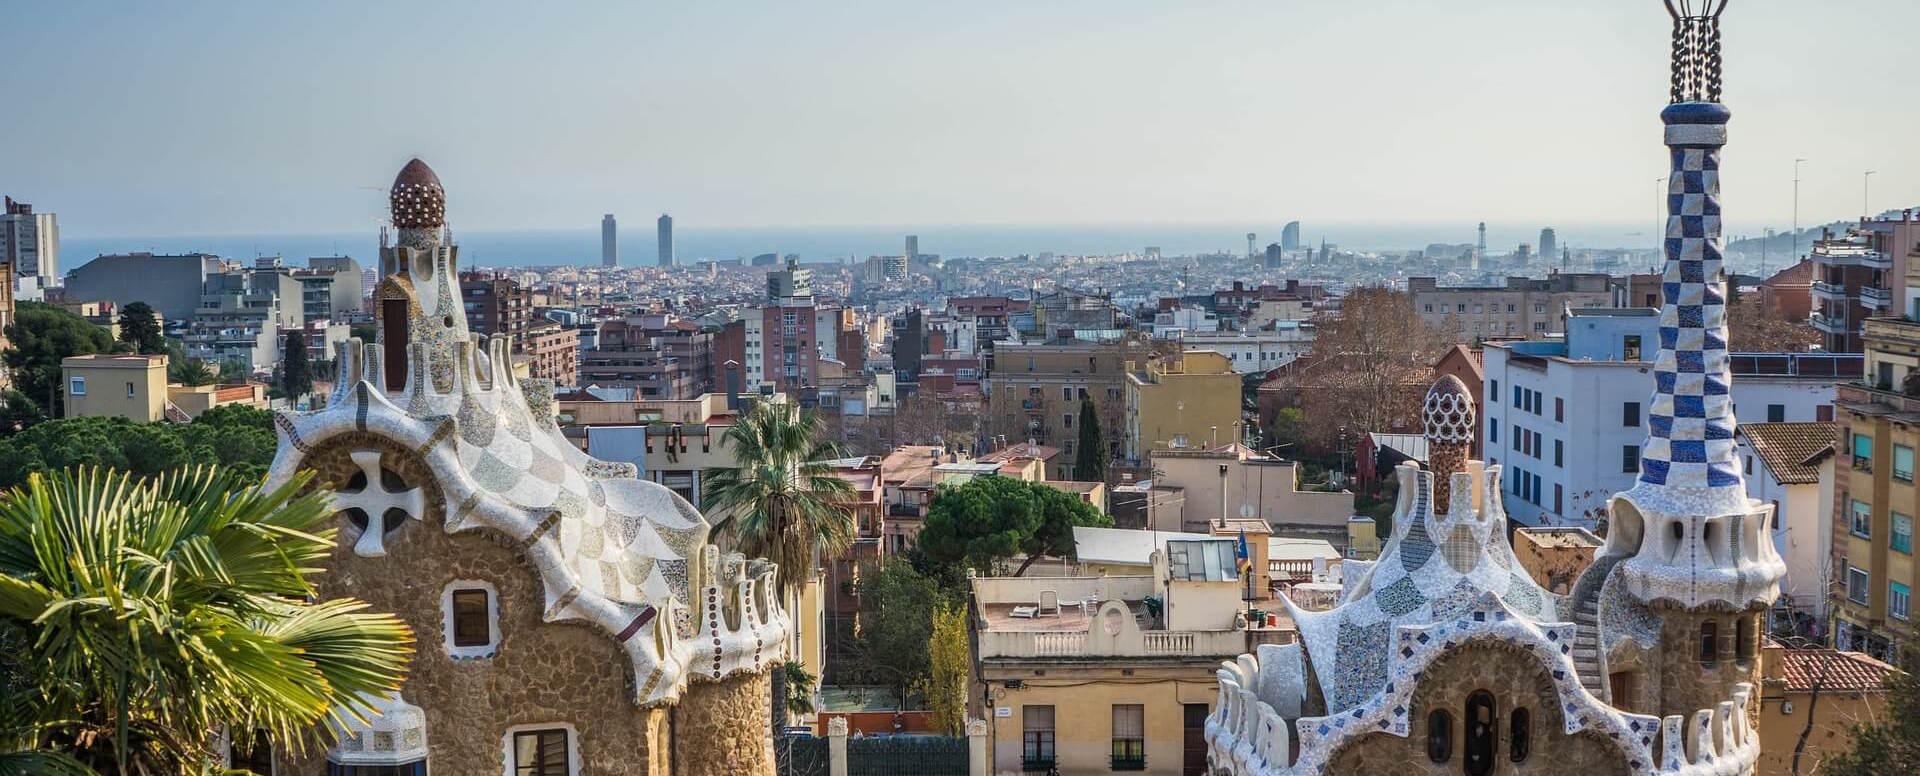 Que faire en Espagne ? Guide des activités - Espagne